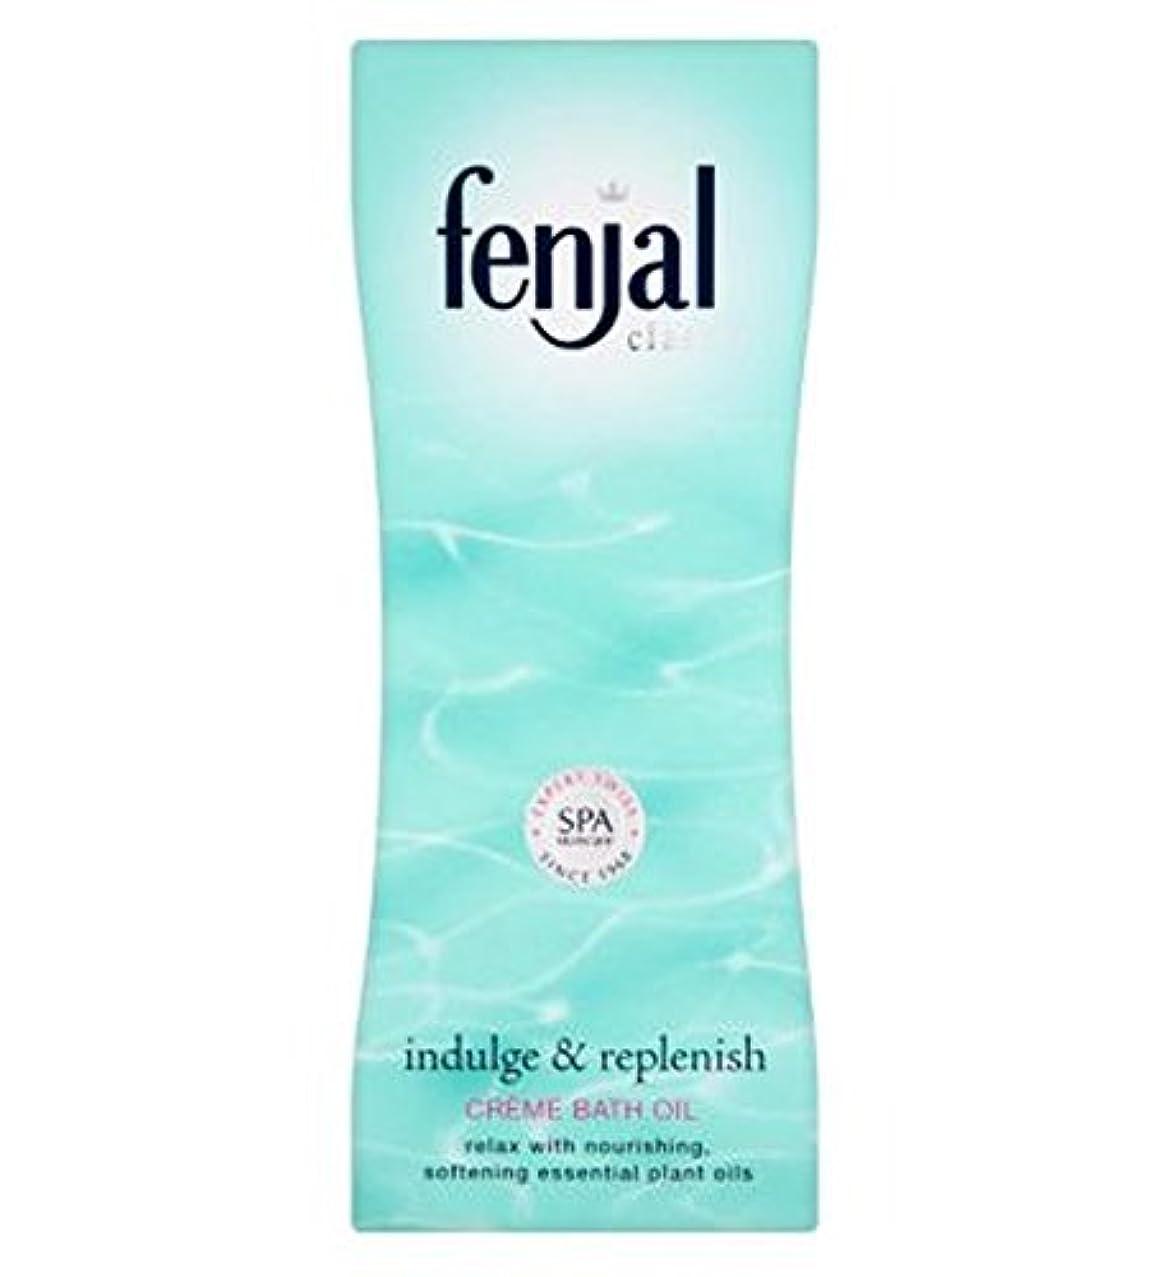 アンソロジージュラシックパーク爵Fenjal Classic Luxury Creme Bath Oil - Fenjal古典的な高級クリームバスオイル (Fenjal) [並行輸入品]